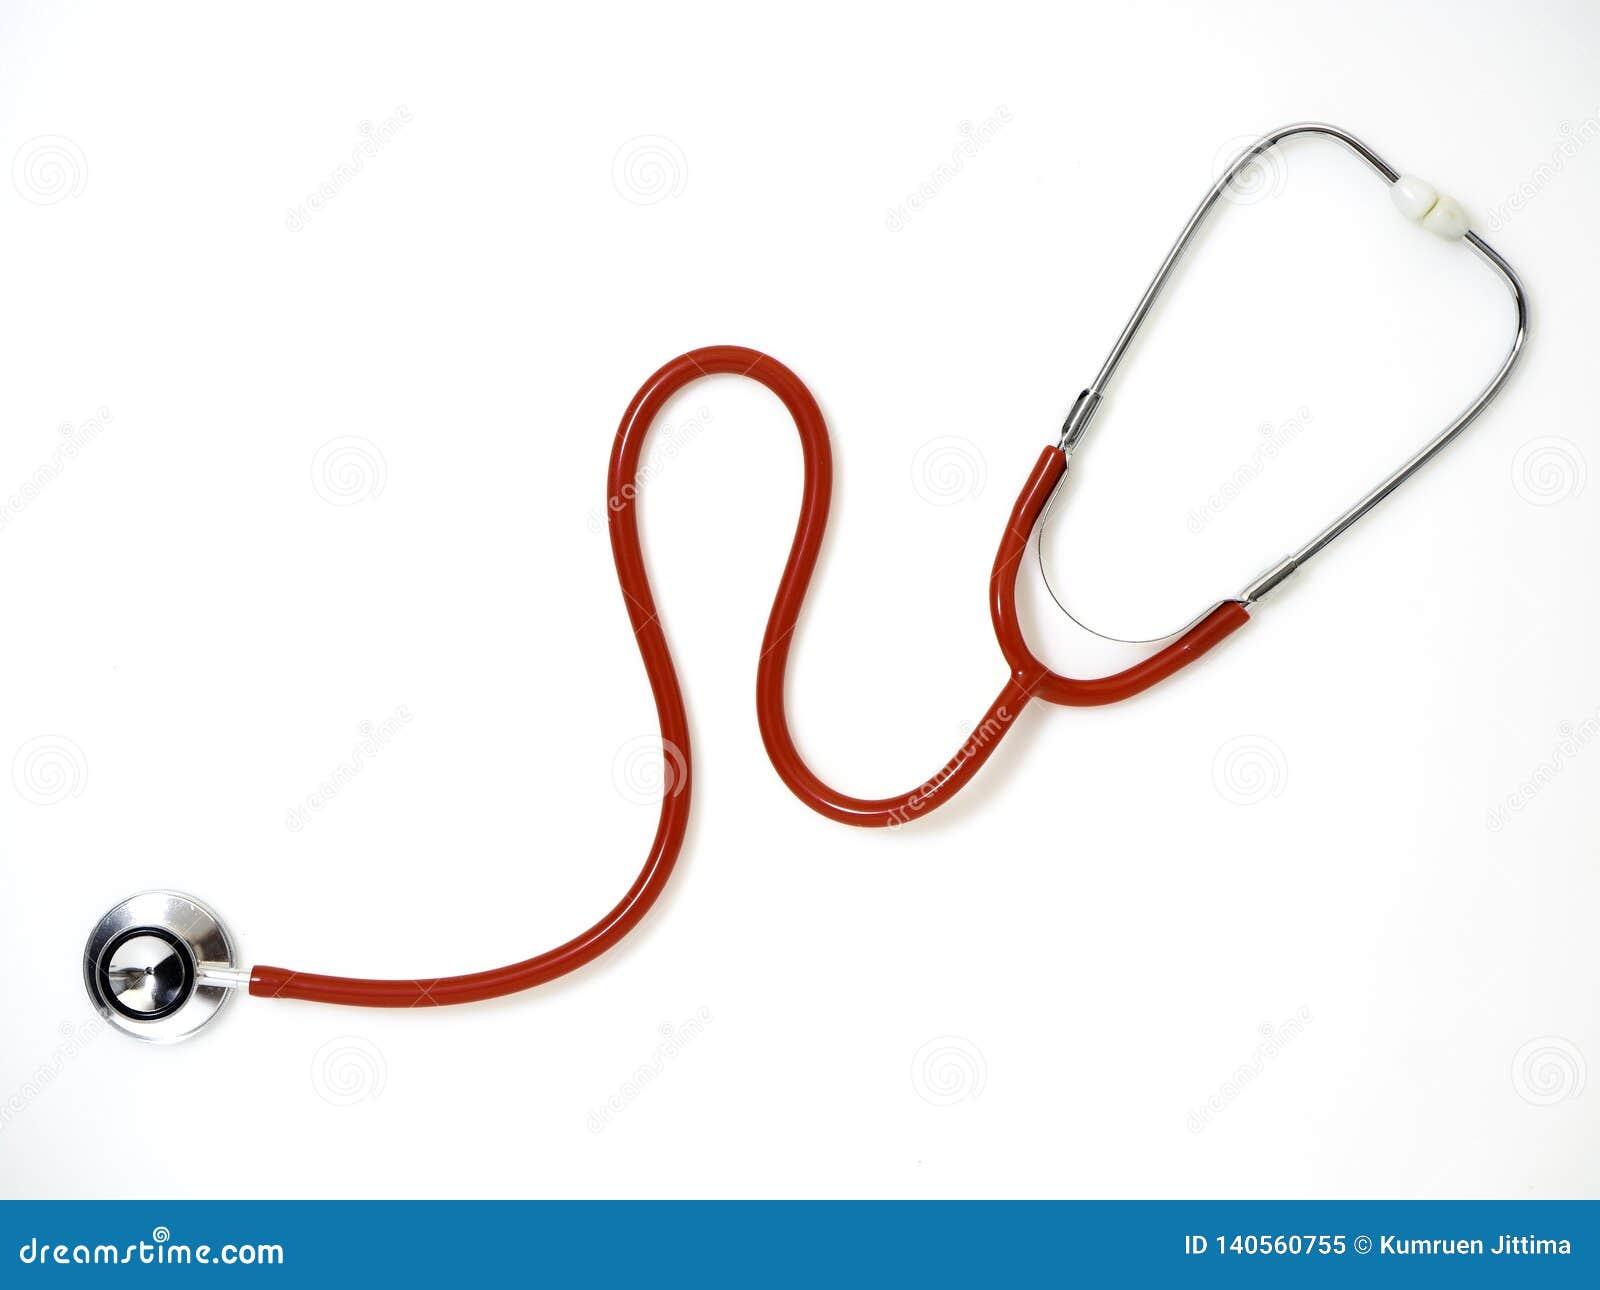 Красный стетоскоп изолированный на белой предпосылке